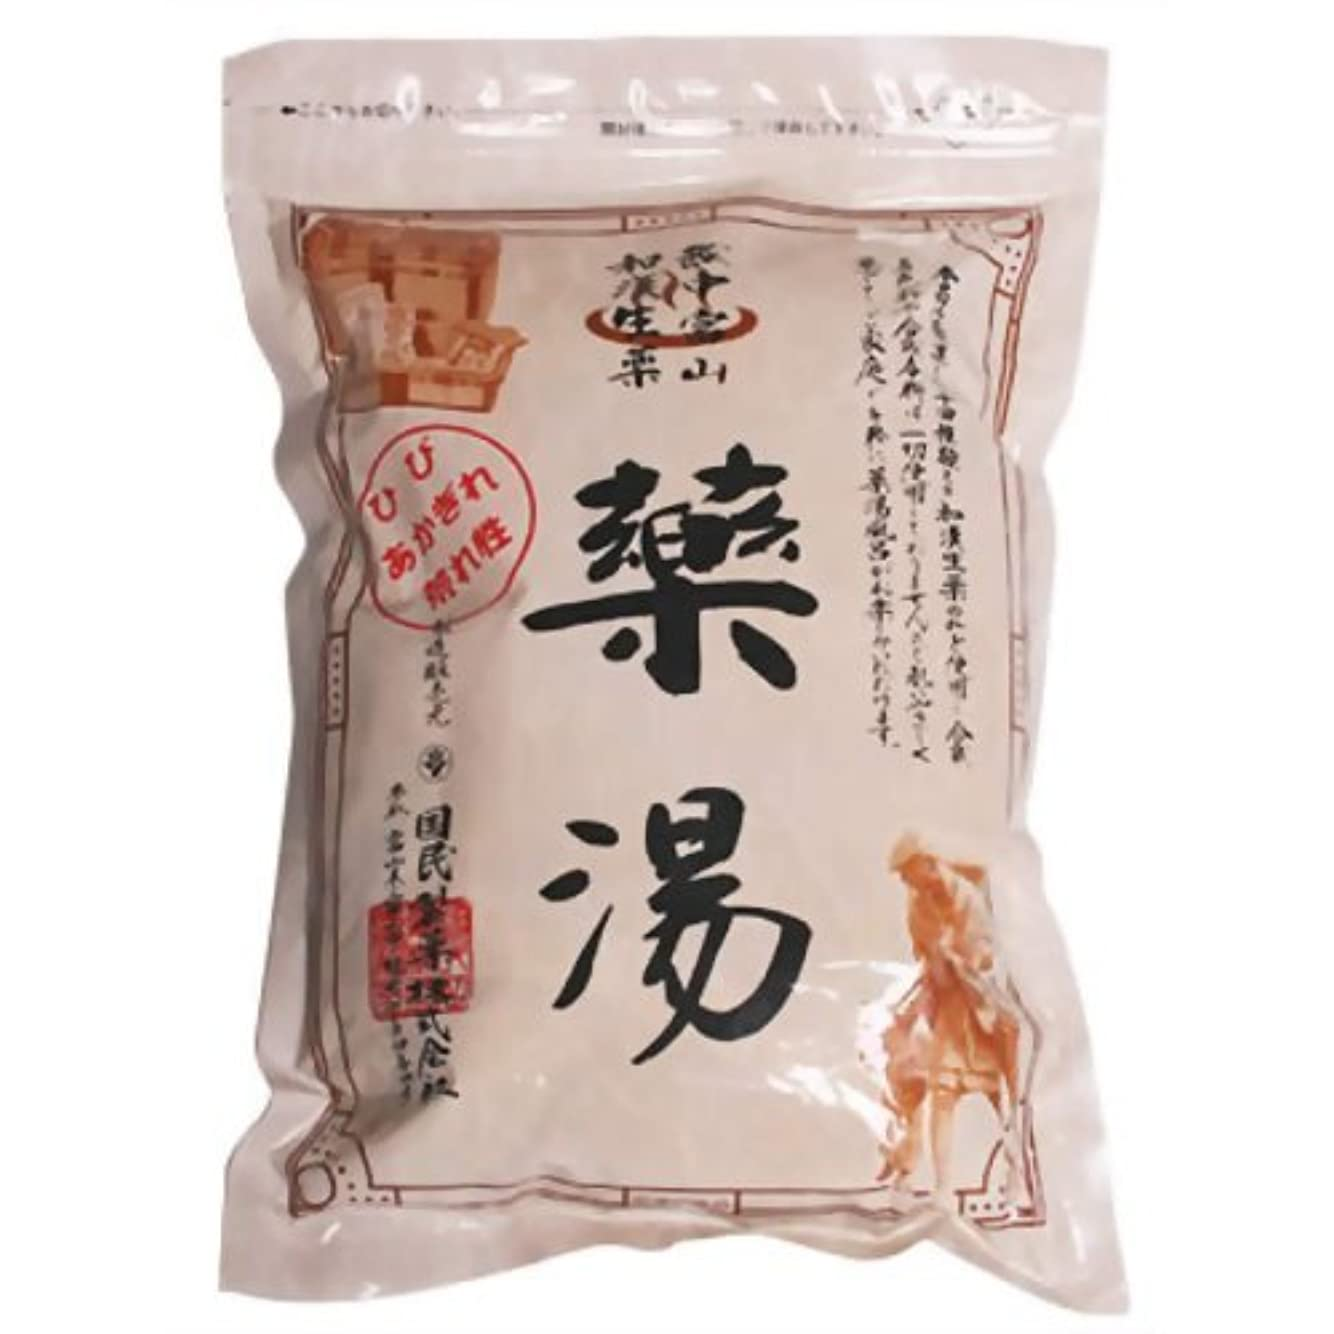 魔術師作家レジデンス薬湯 寿湯 40g*10包(入浴剤)